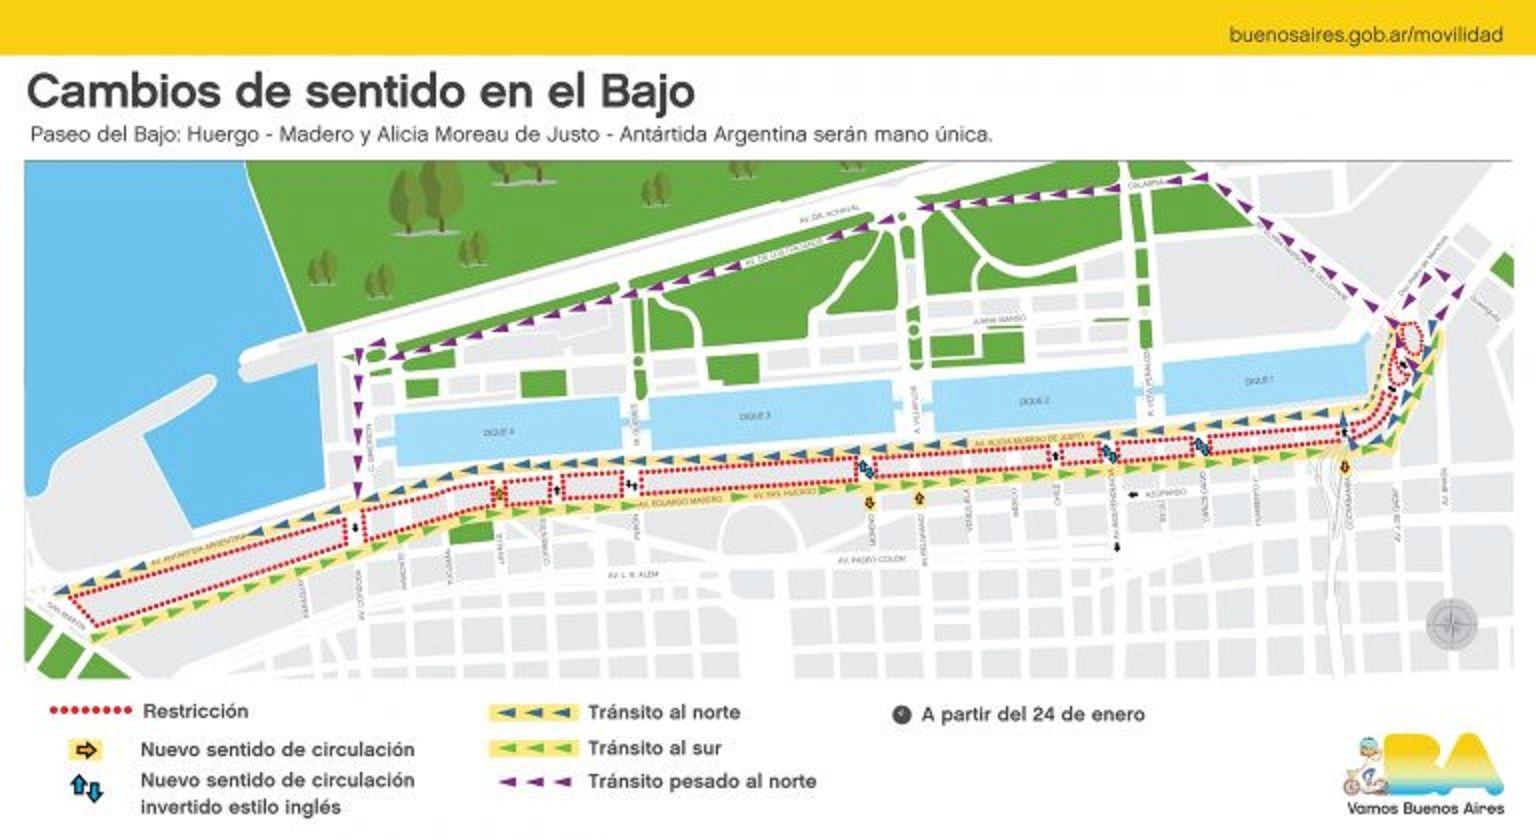 Bajo porteño: 14 líneas de colectivo cambian su recorrido desde hoy